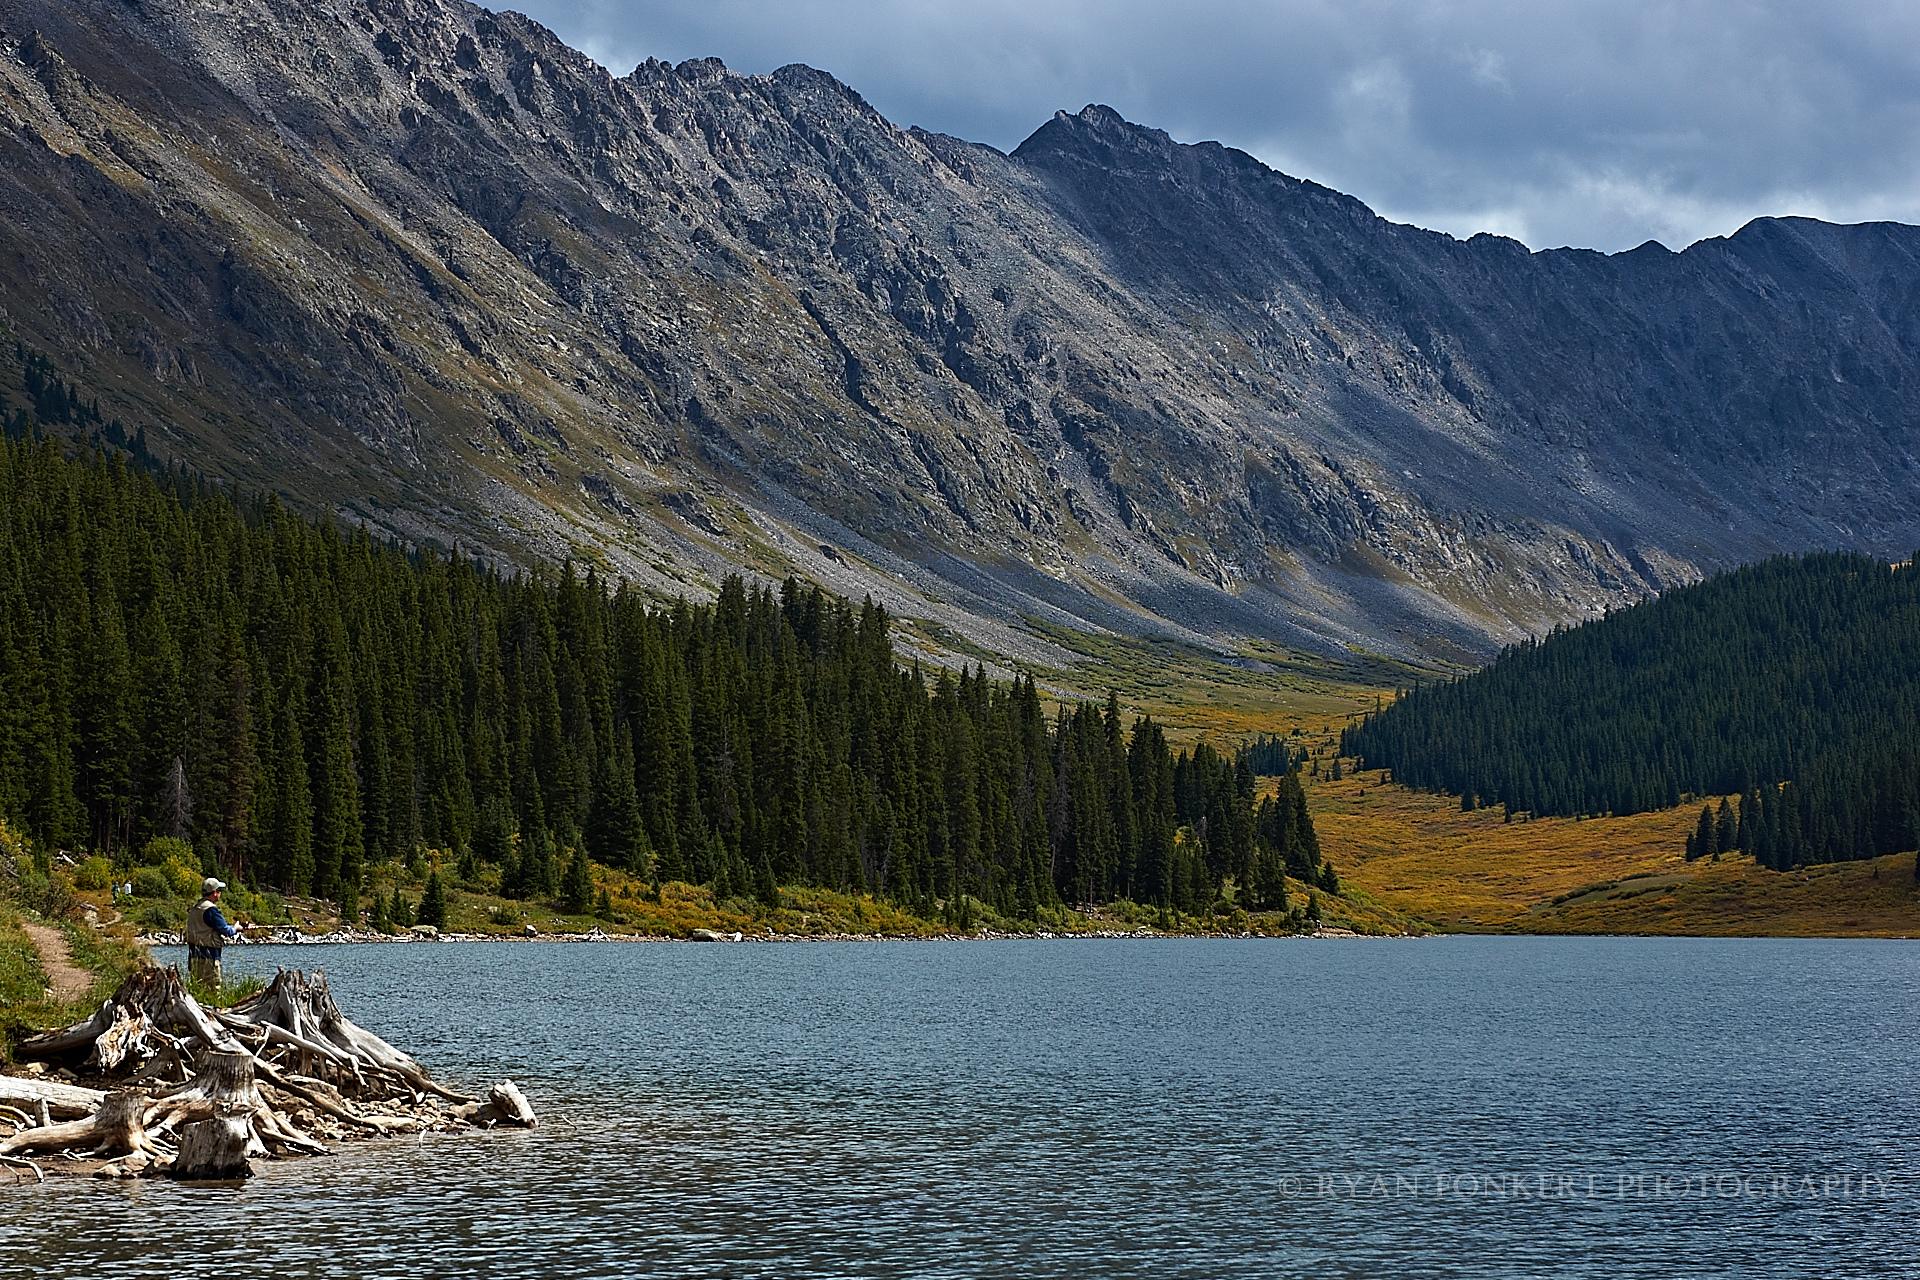 Landscapes_DSC00452.jpg